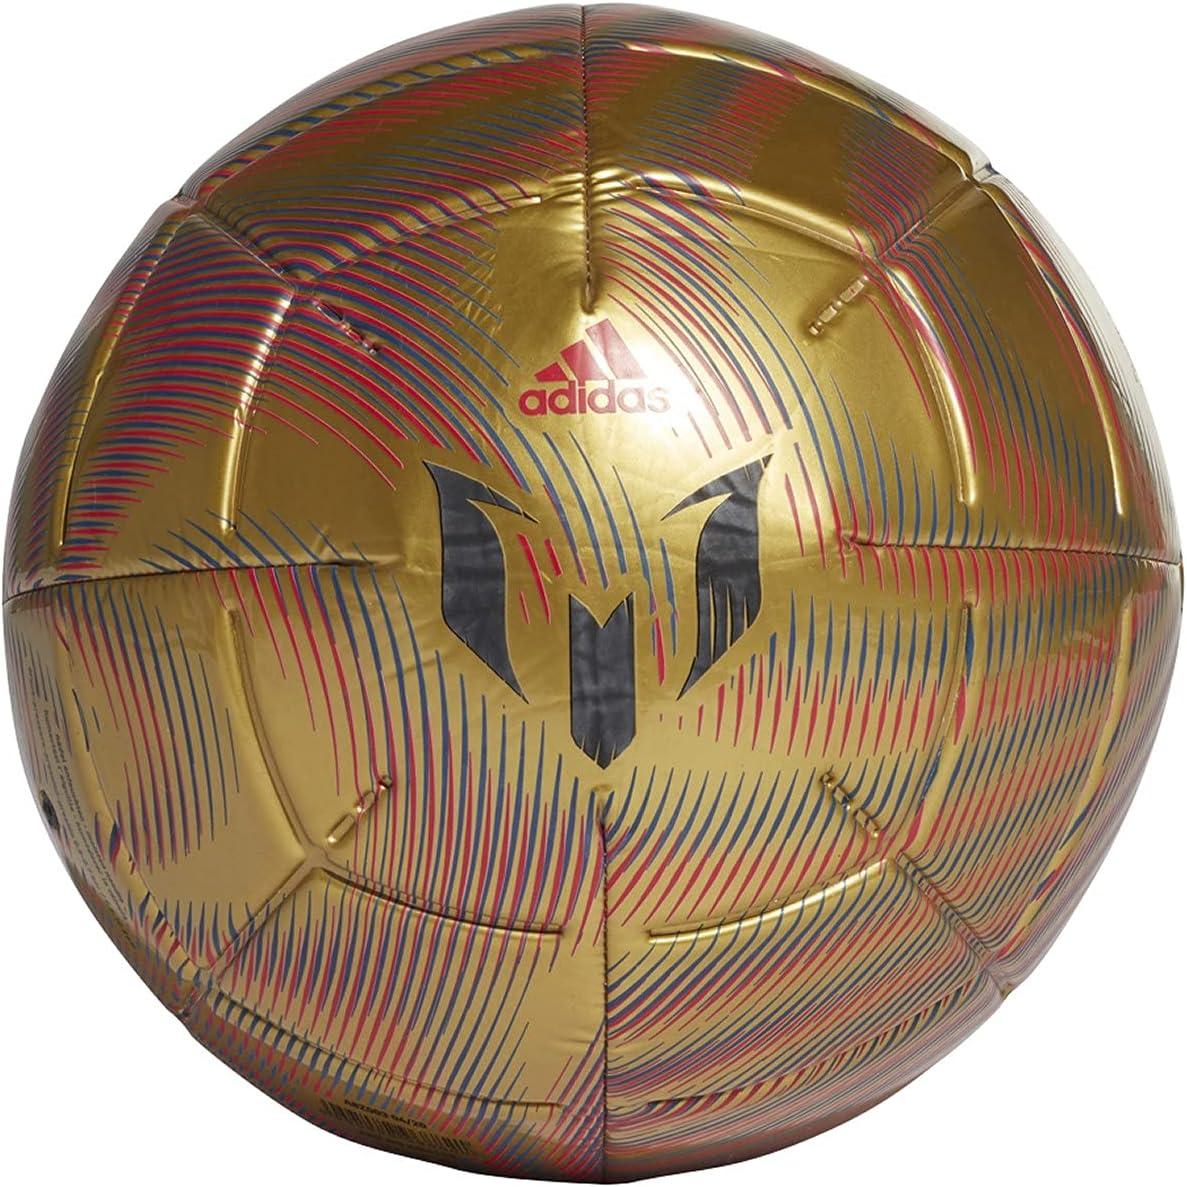 price adidas Messi Club Soccer Elegant Ball Royal Scarlet Metallic Gold B